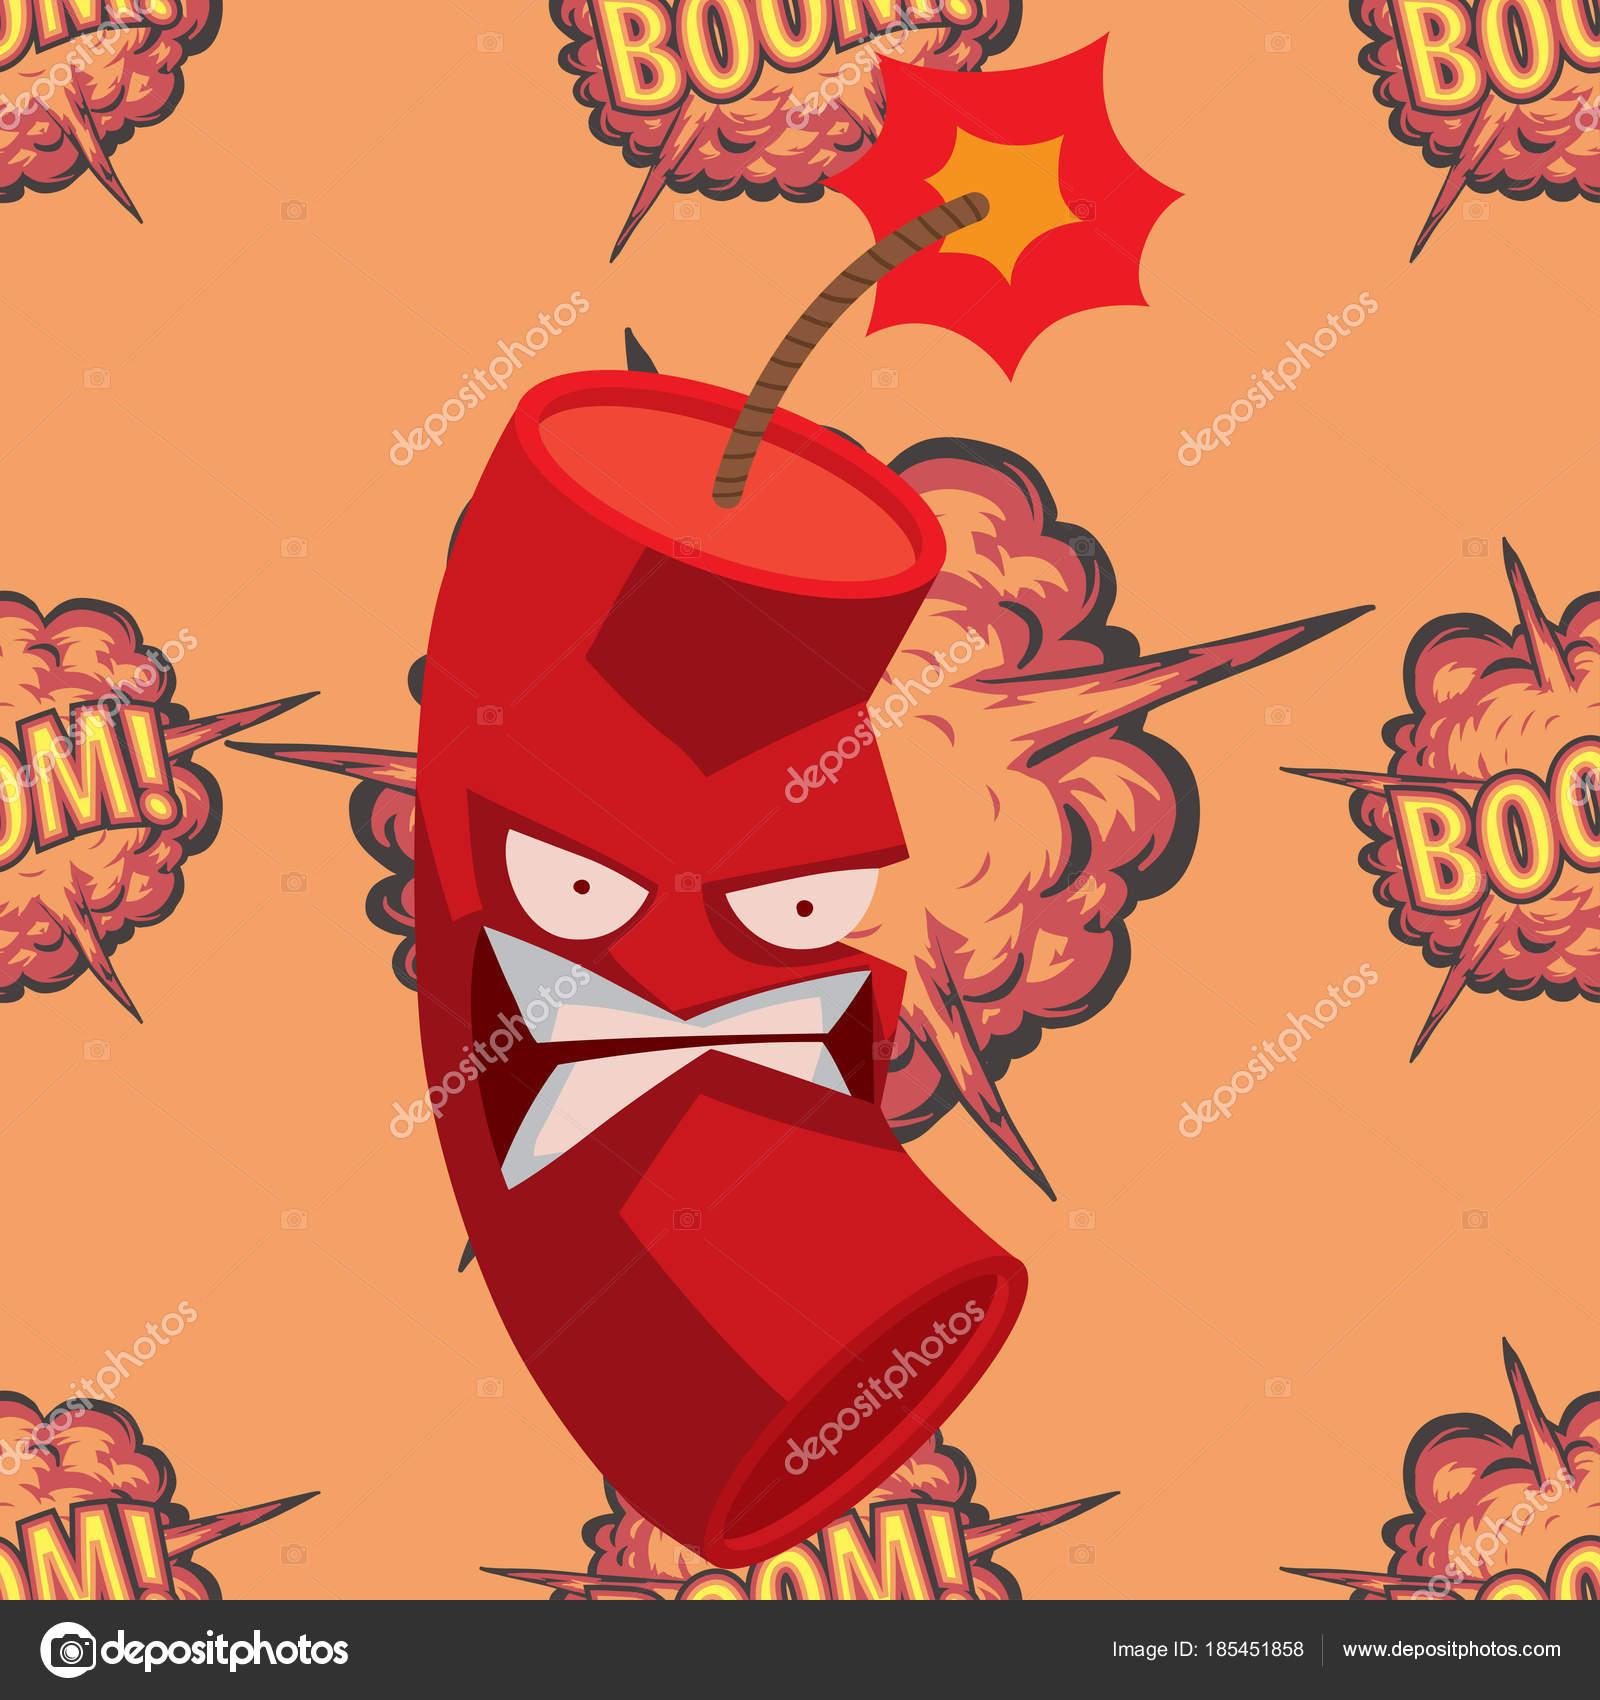 Bomb dynamite fuse vector illustration grenade attack power